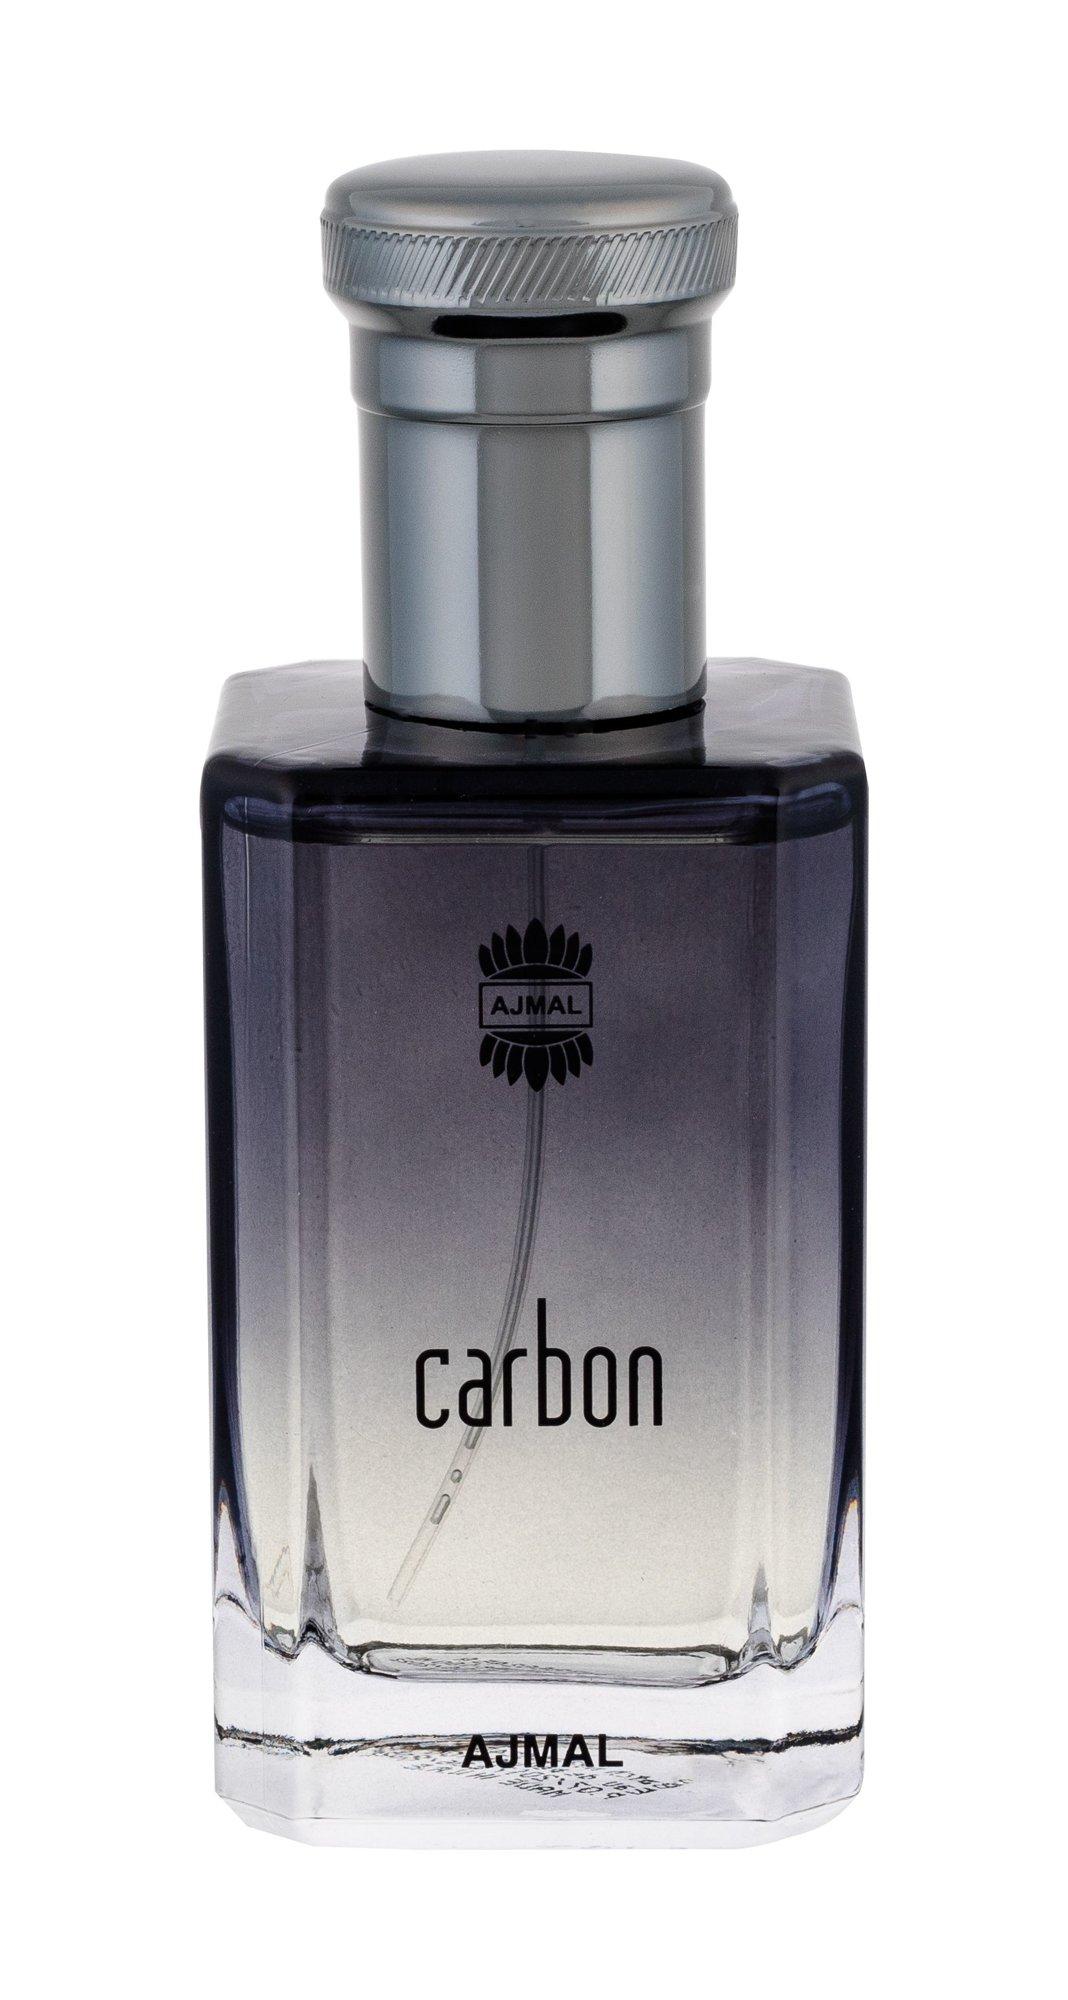 Ajmal Carbon Eau de Parfum 100ml